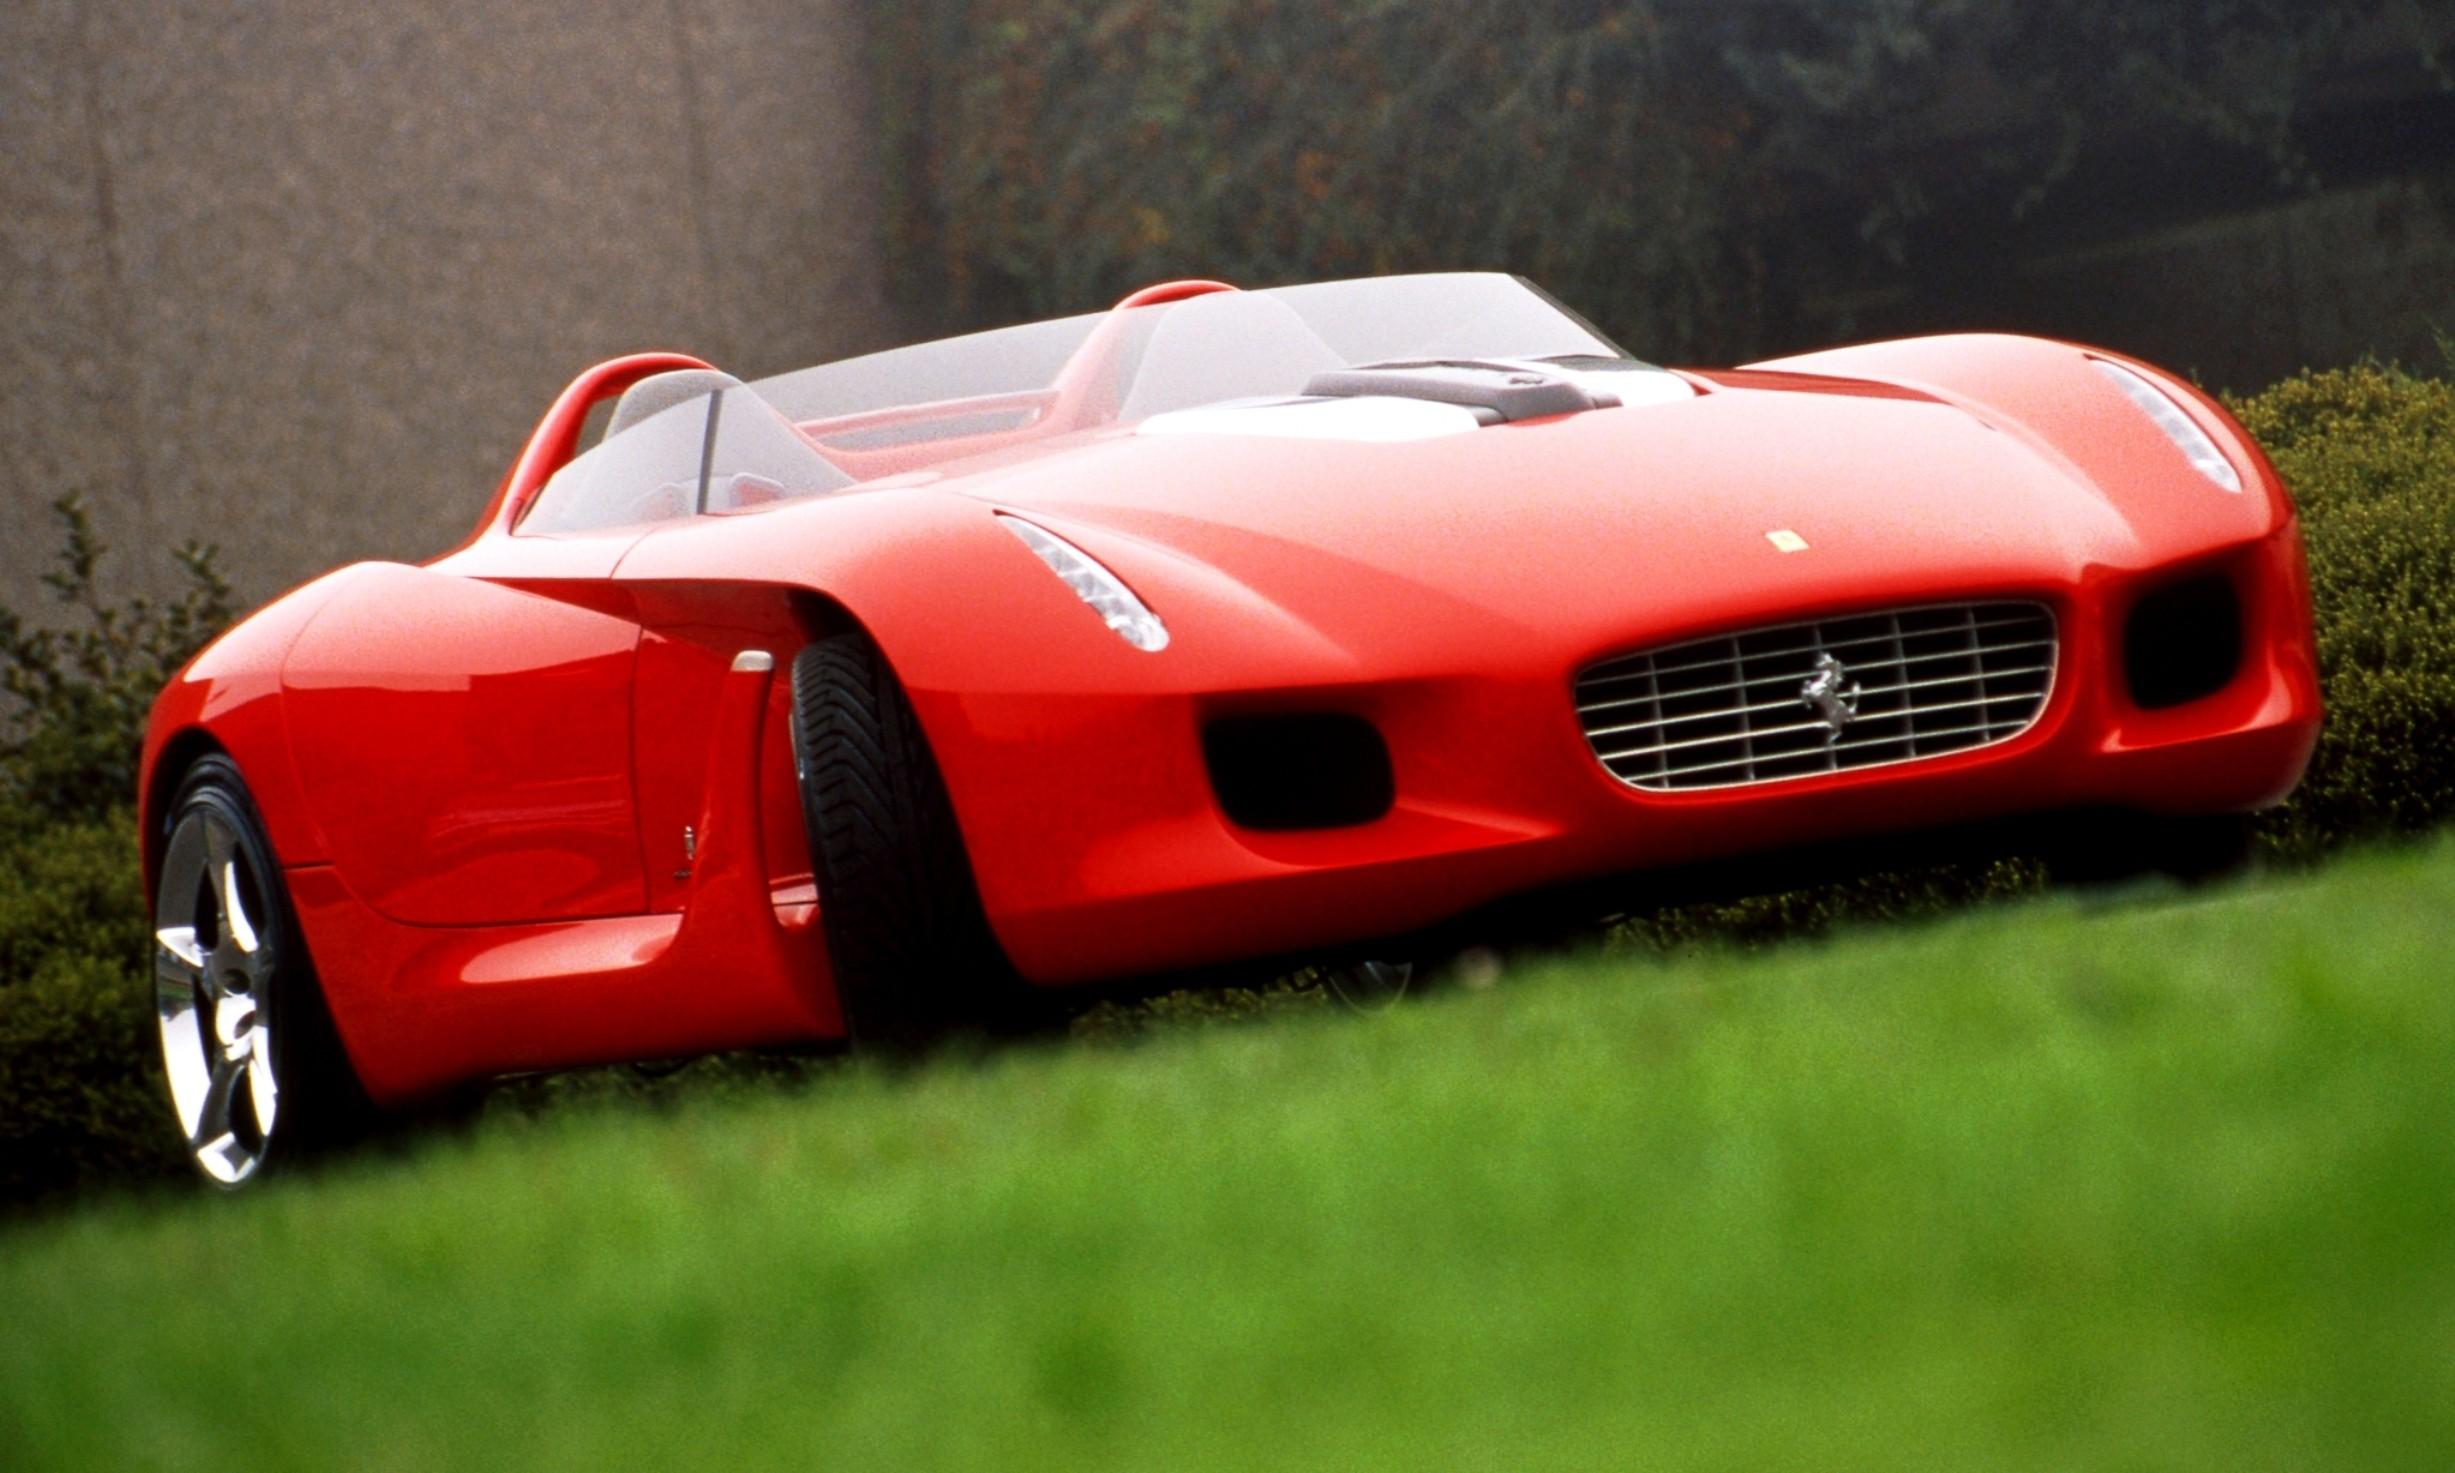 2020 Corvette Concept \x3cb\x3econcept\x3c/b\x3e flashback - 2000 ...